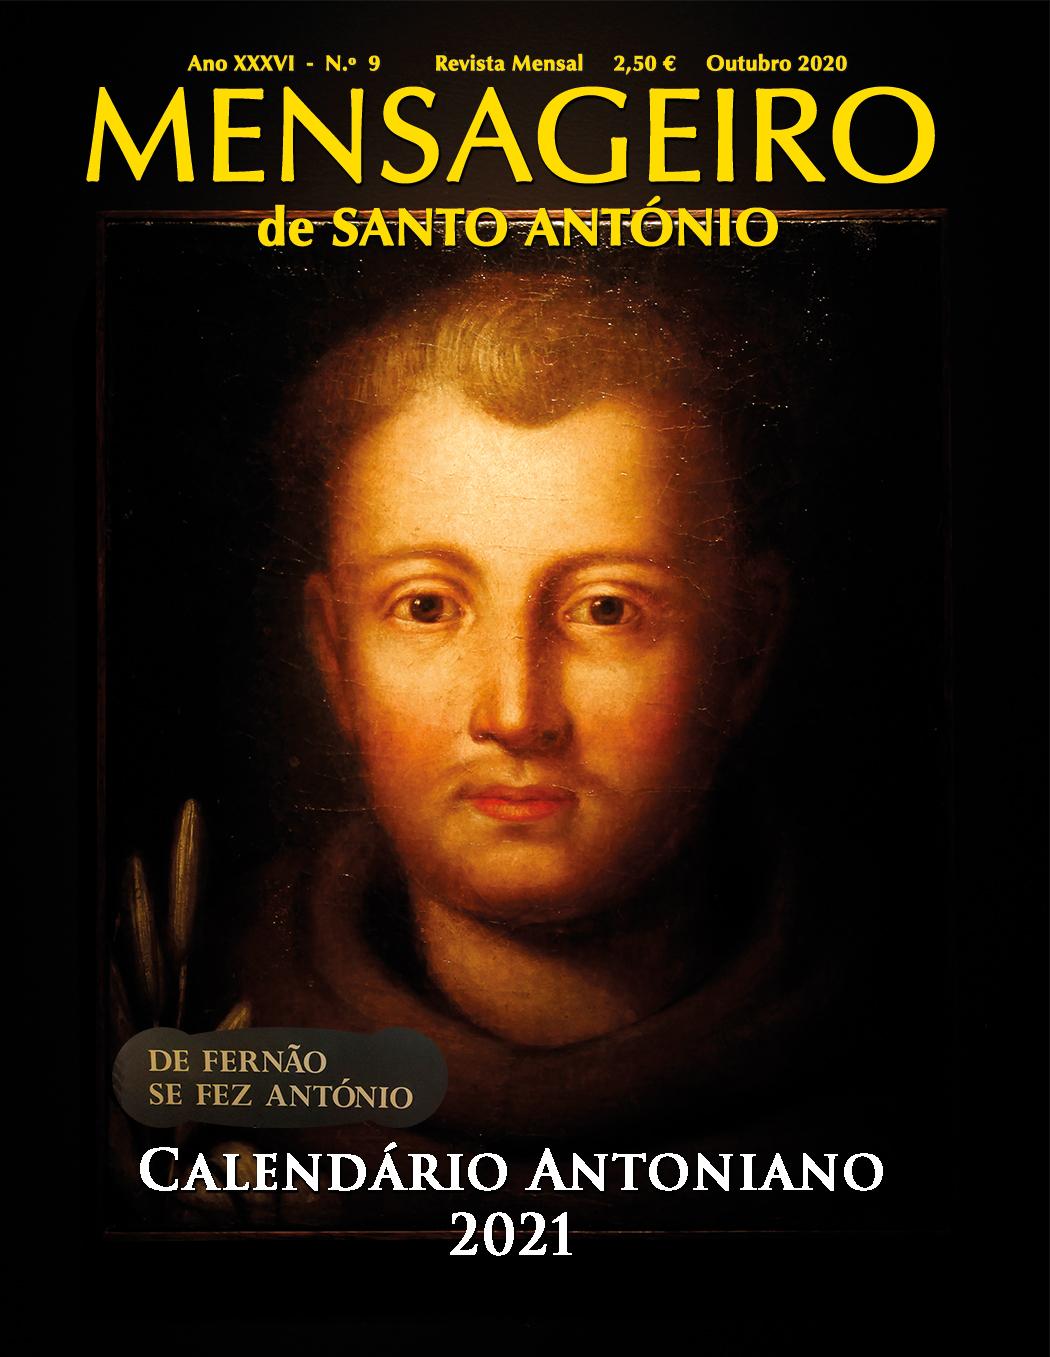 Calendário Antoniano 2021 - De Fernão se fez António